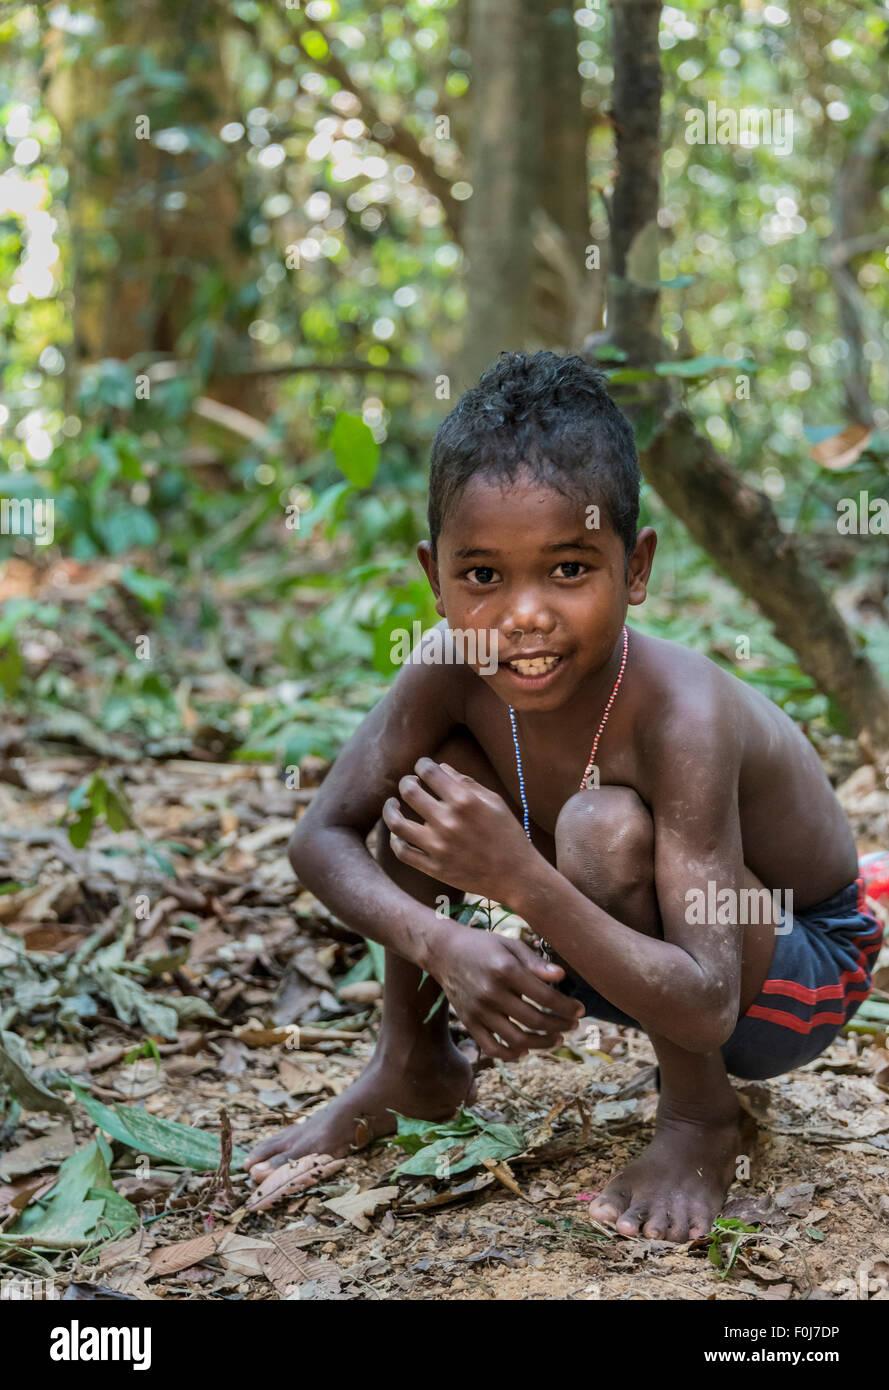 Kleiner Junge des Stammes Orang Asil grinsend, hocken auf dem Boden in den Dschungel, native, indigene Volk Stockbild